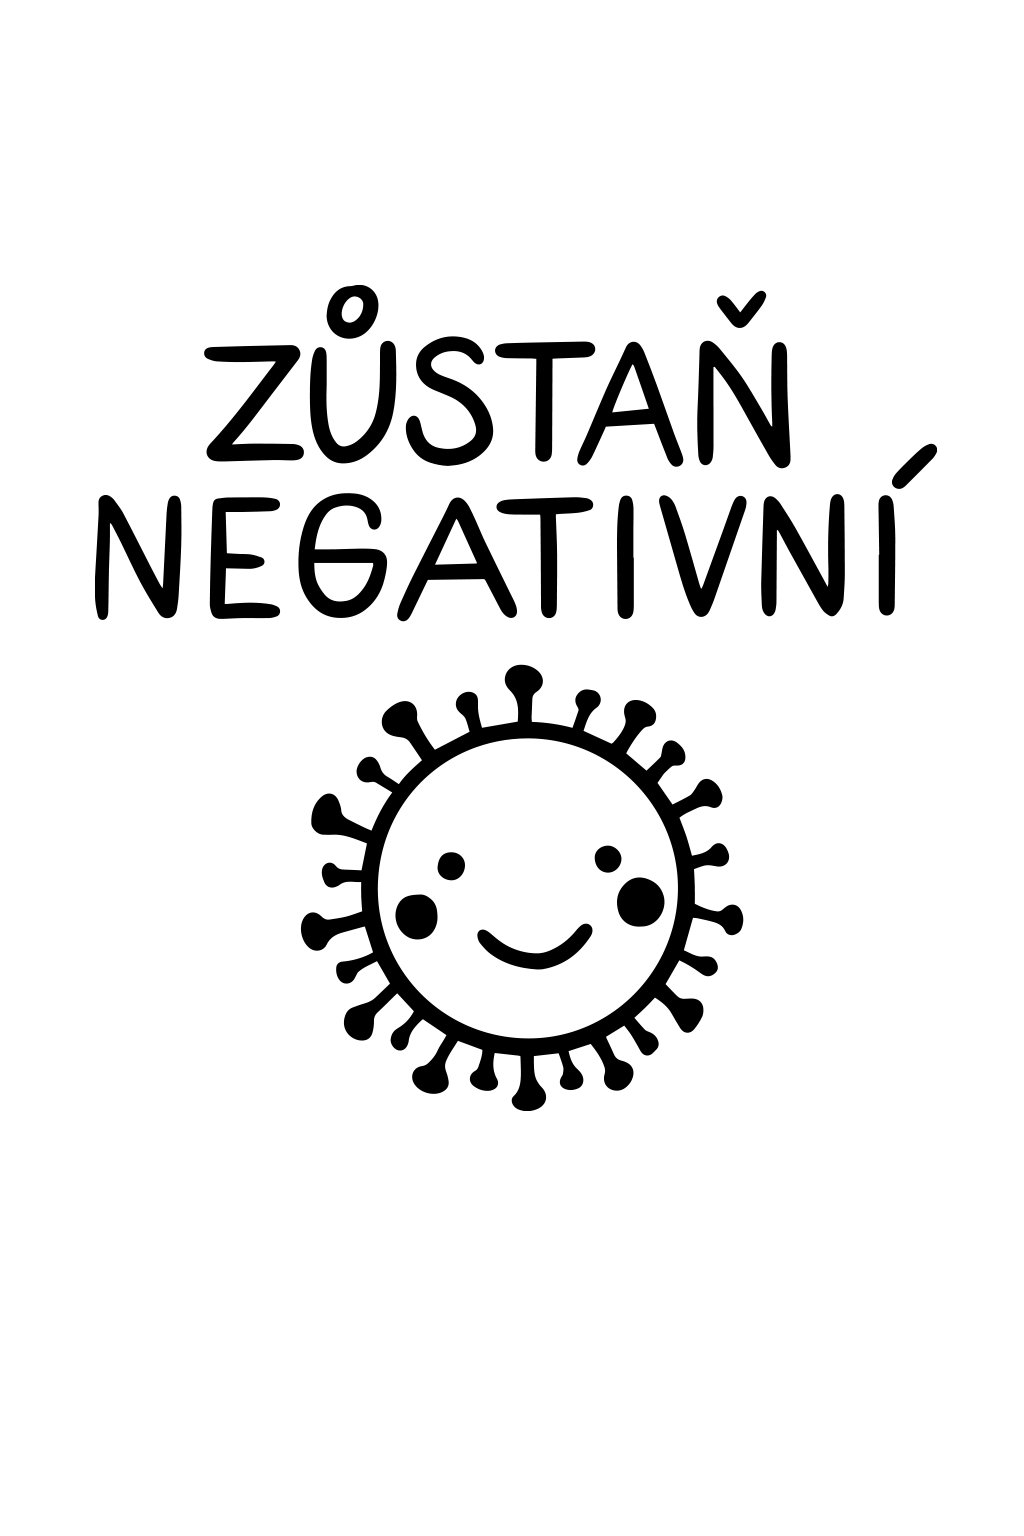 Svlíkárna Zůstaň Negativní tričko dámské - předek - svlikarna.cz